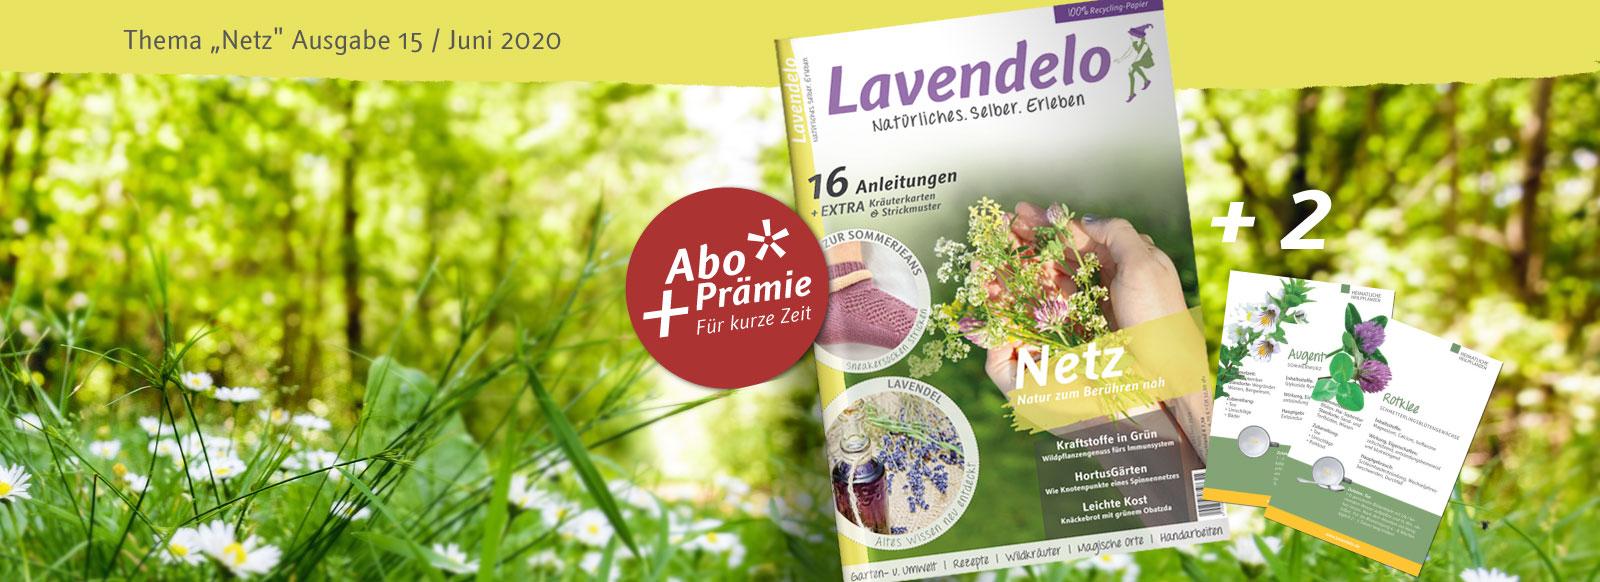 Lavendelo 15 Zeitschrift Sommer 2020